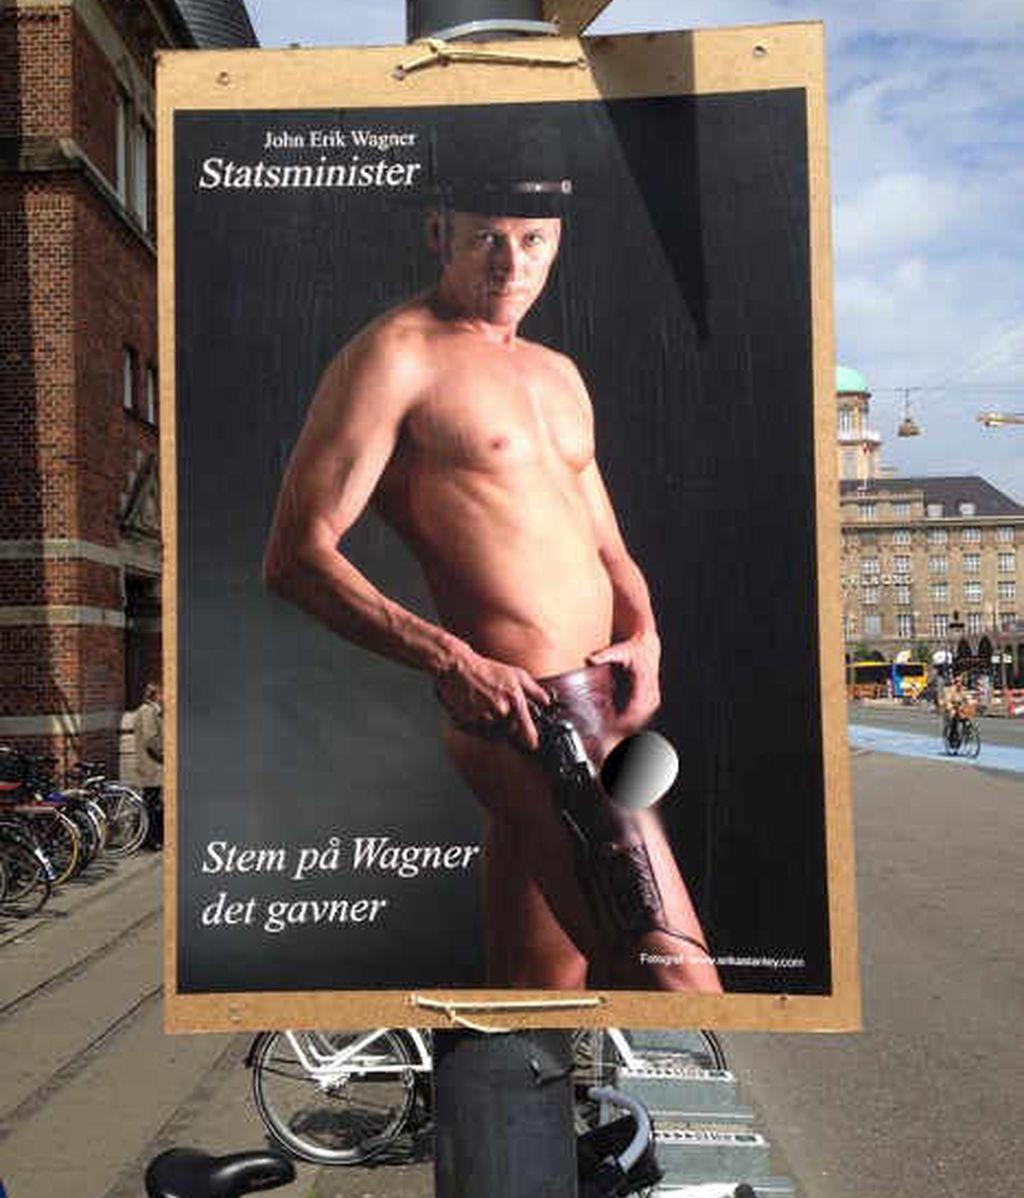 Carteles con el candidato a primer ministro desnudo llenan las calles de Copenhague